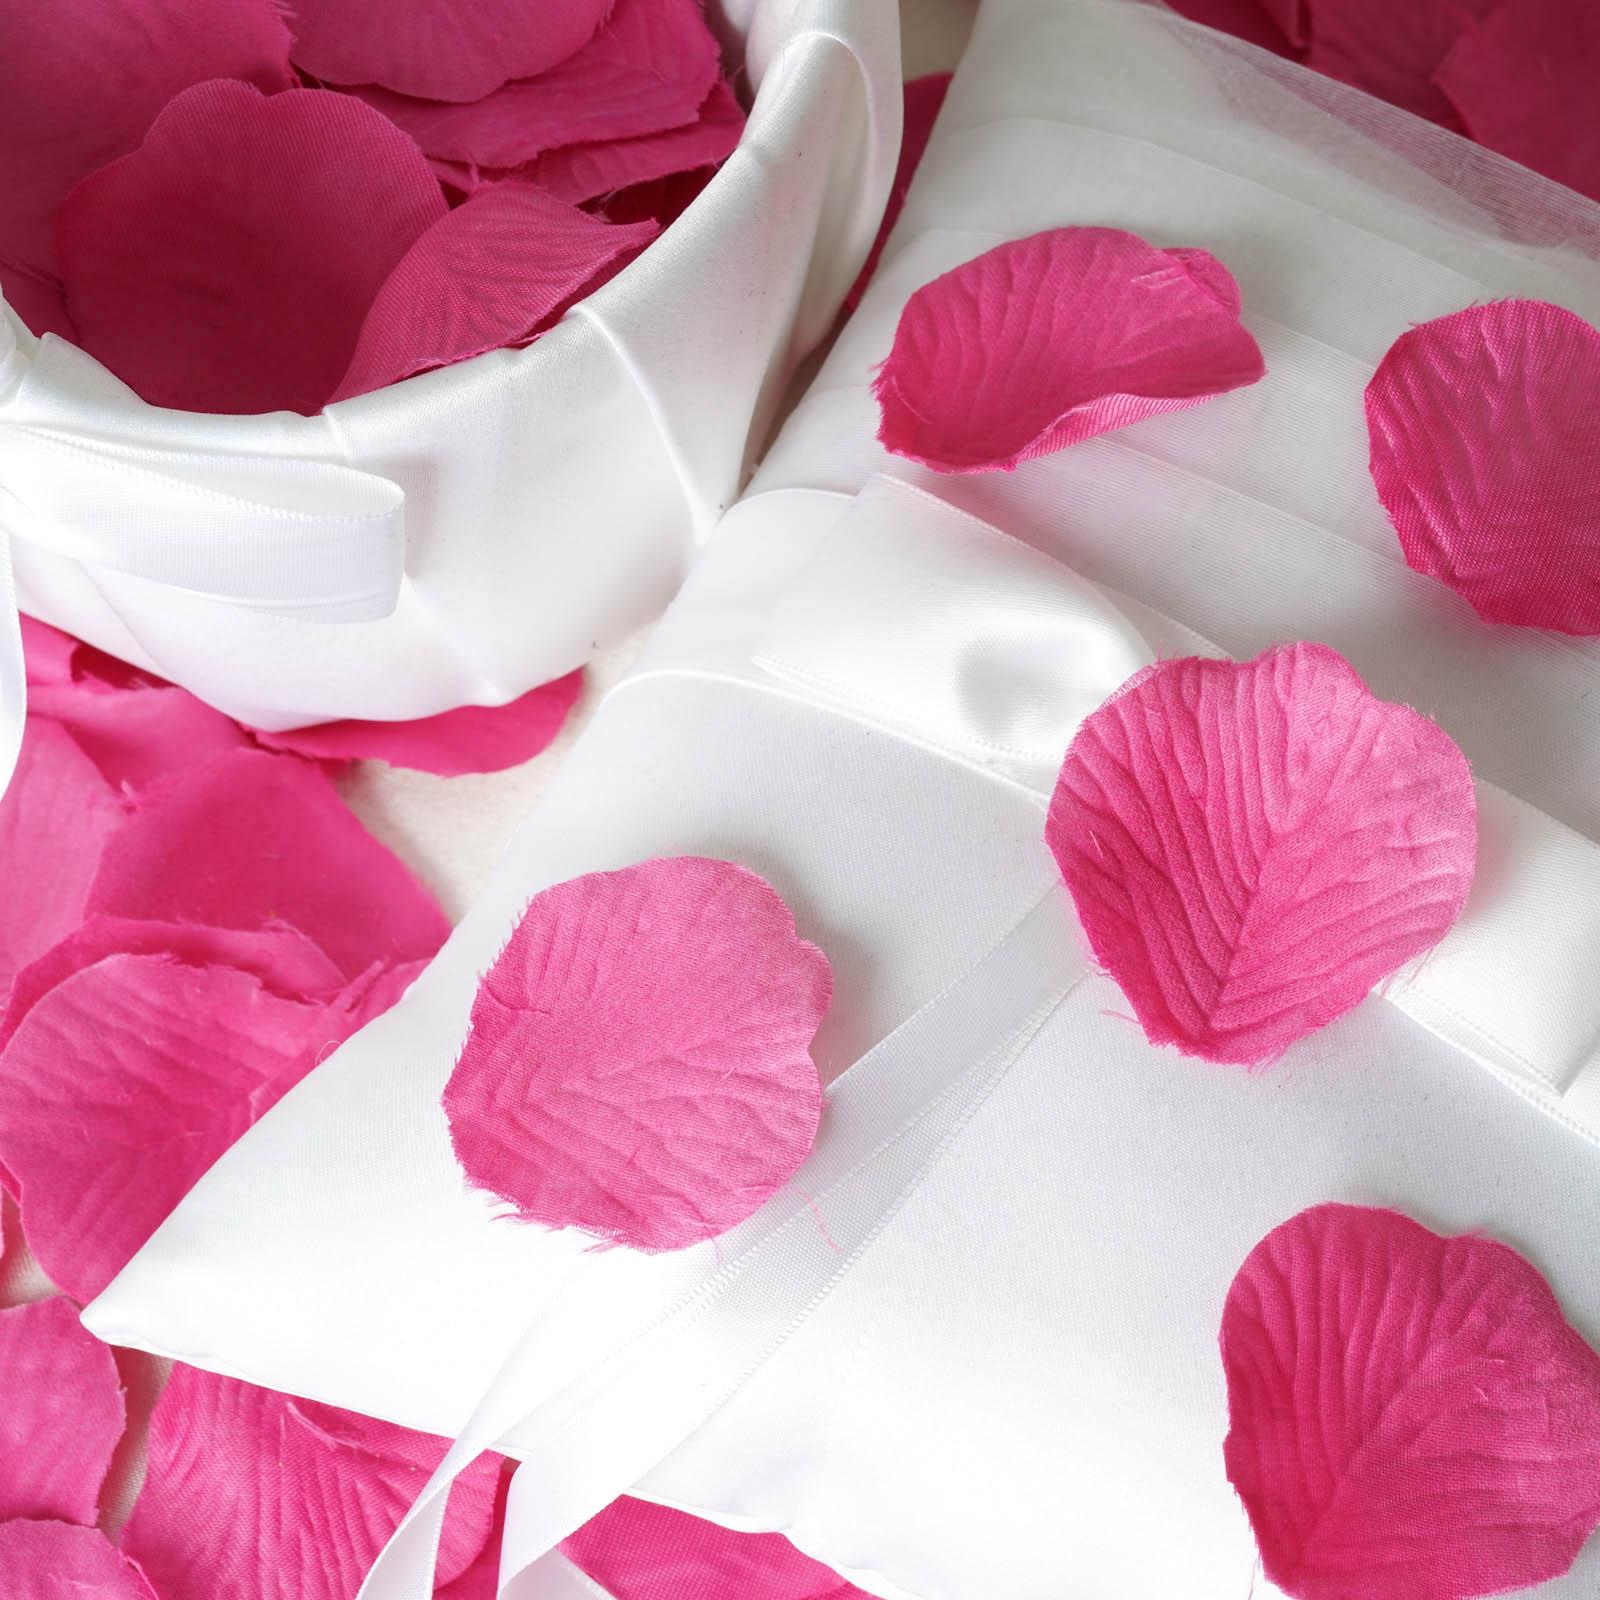 2000 Silk Rose Petals Wedding Favors Wholesale Cheap Decorations Supplies SALE